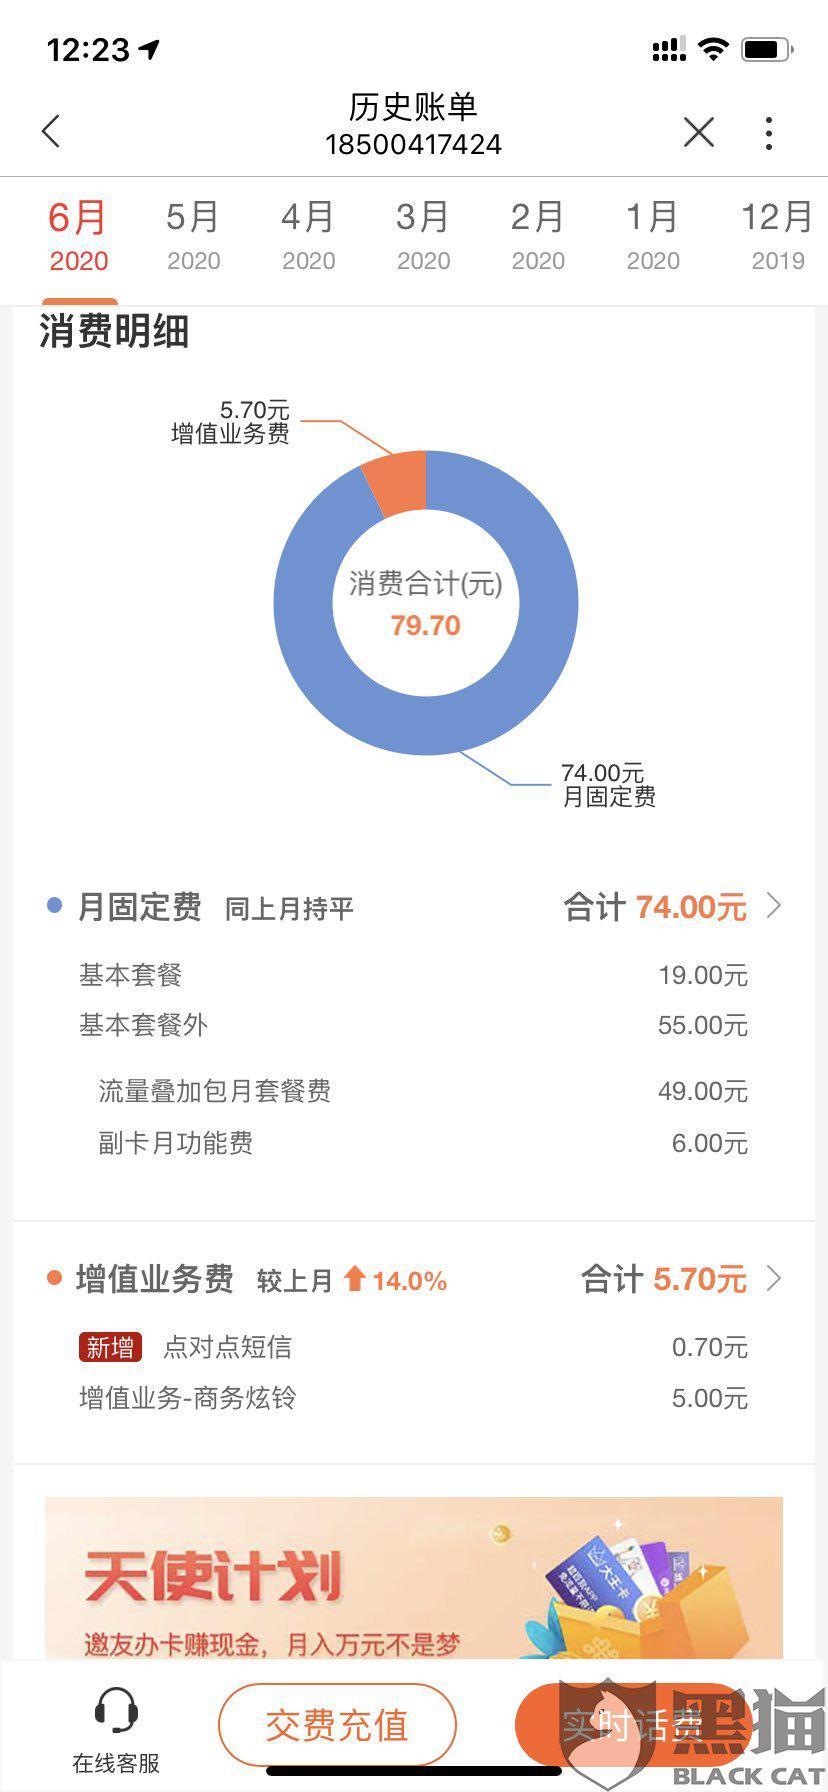 黑猫投诉:中国联通无故帮我开通5g流量包,导致资费大增